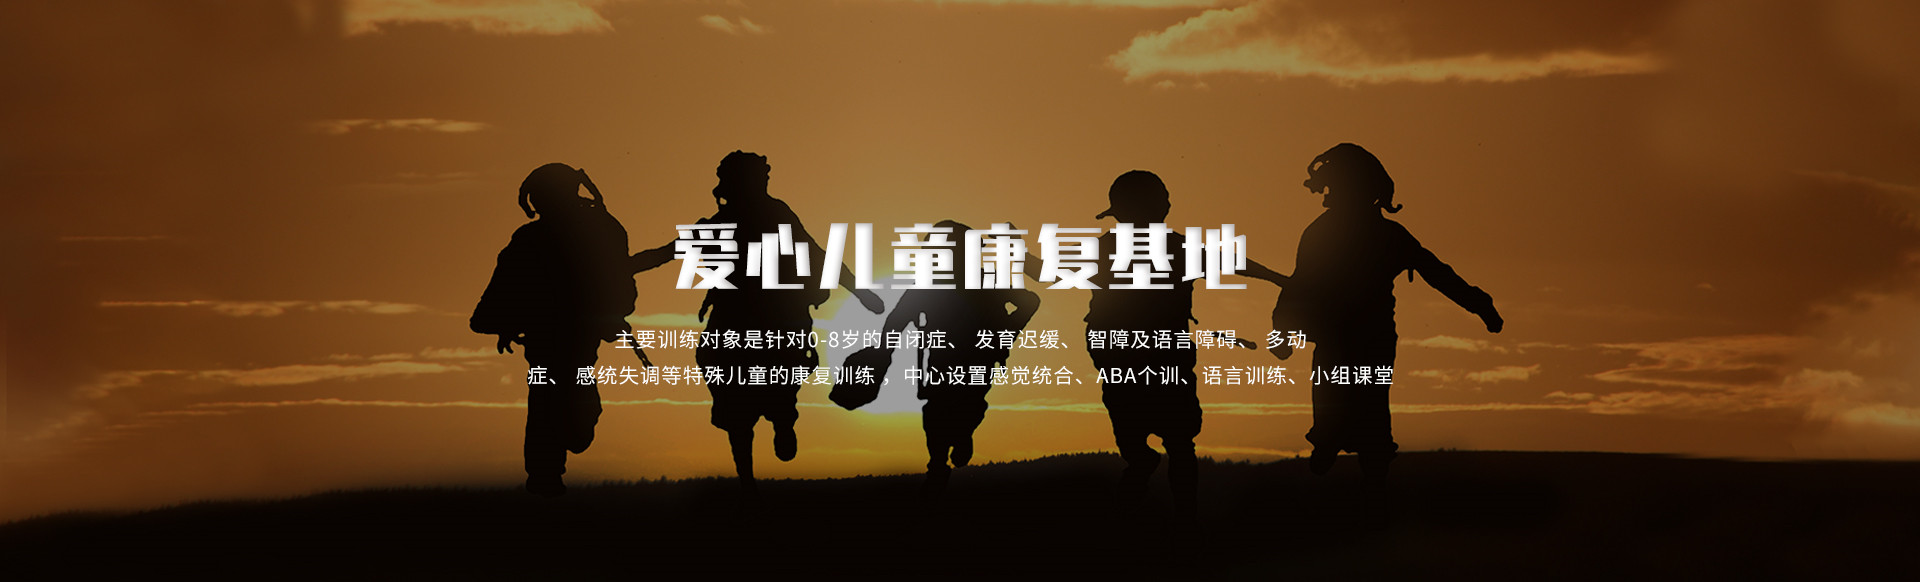 台州自闭症